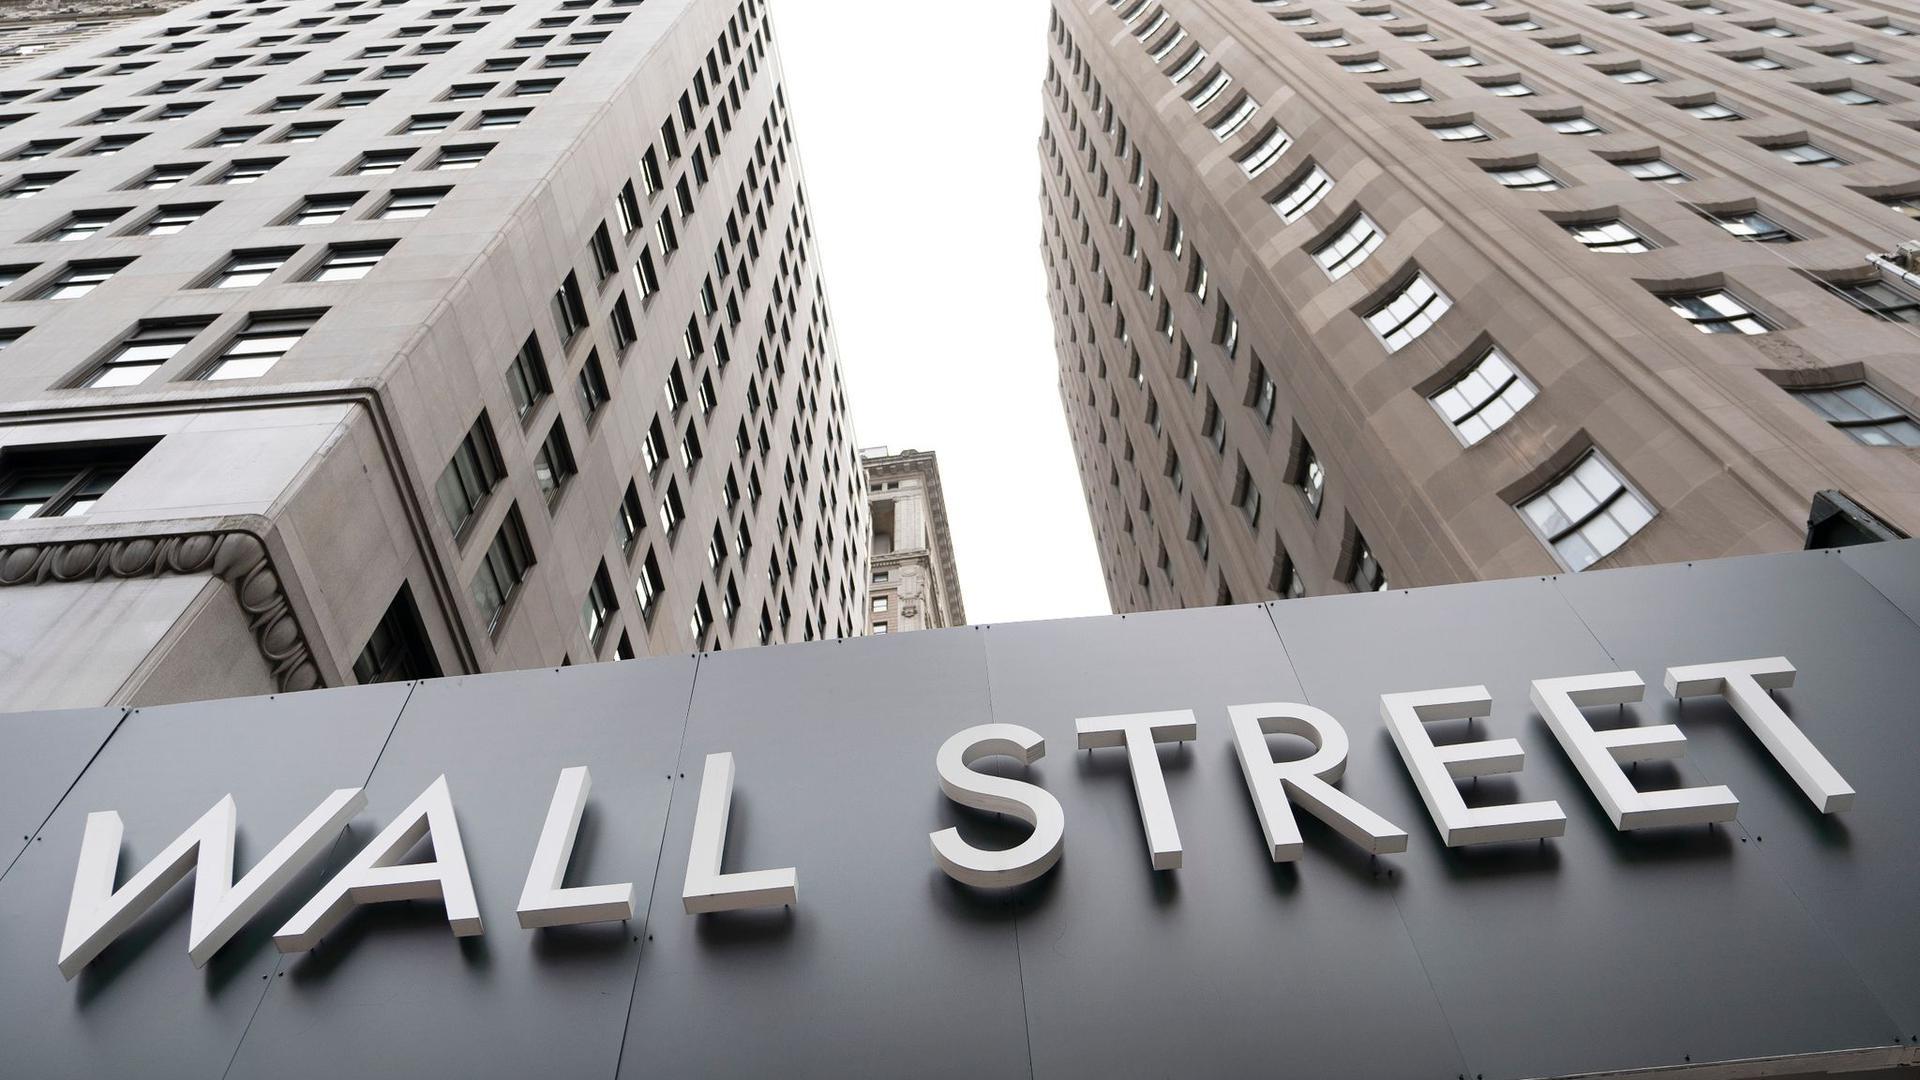 """Ein Schild mit der Aufschrift """"Wall Street"""" hängt an der Fassade der New Yorker Börse."""